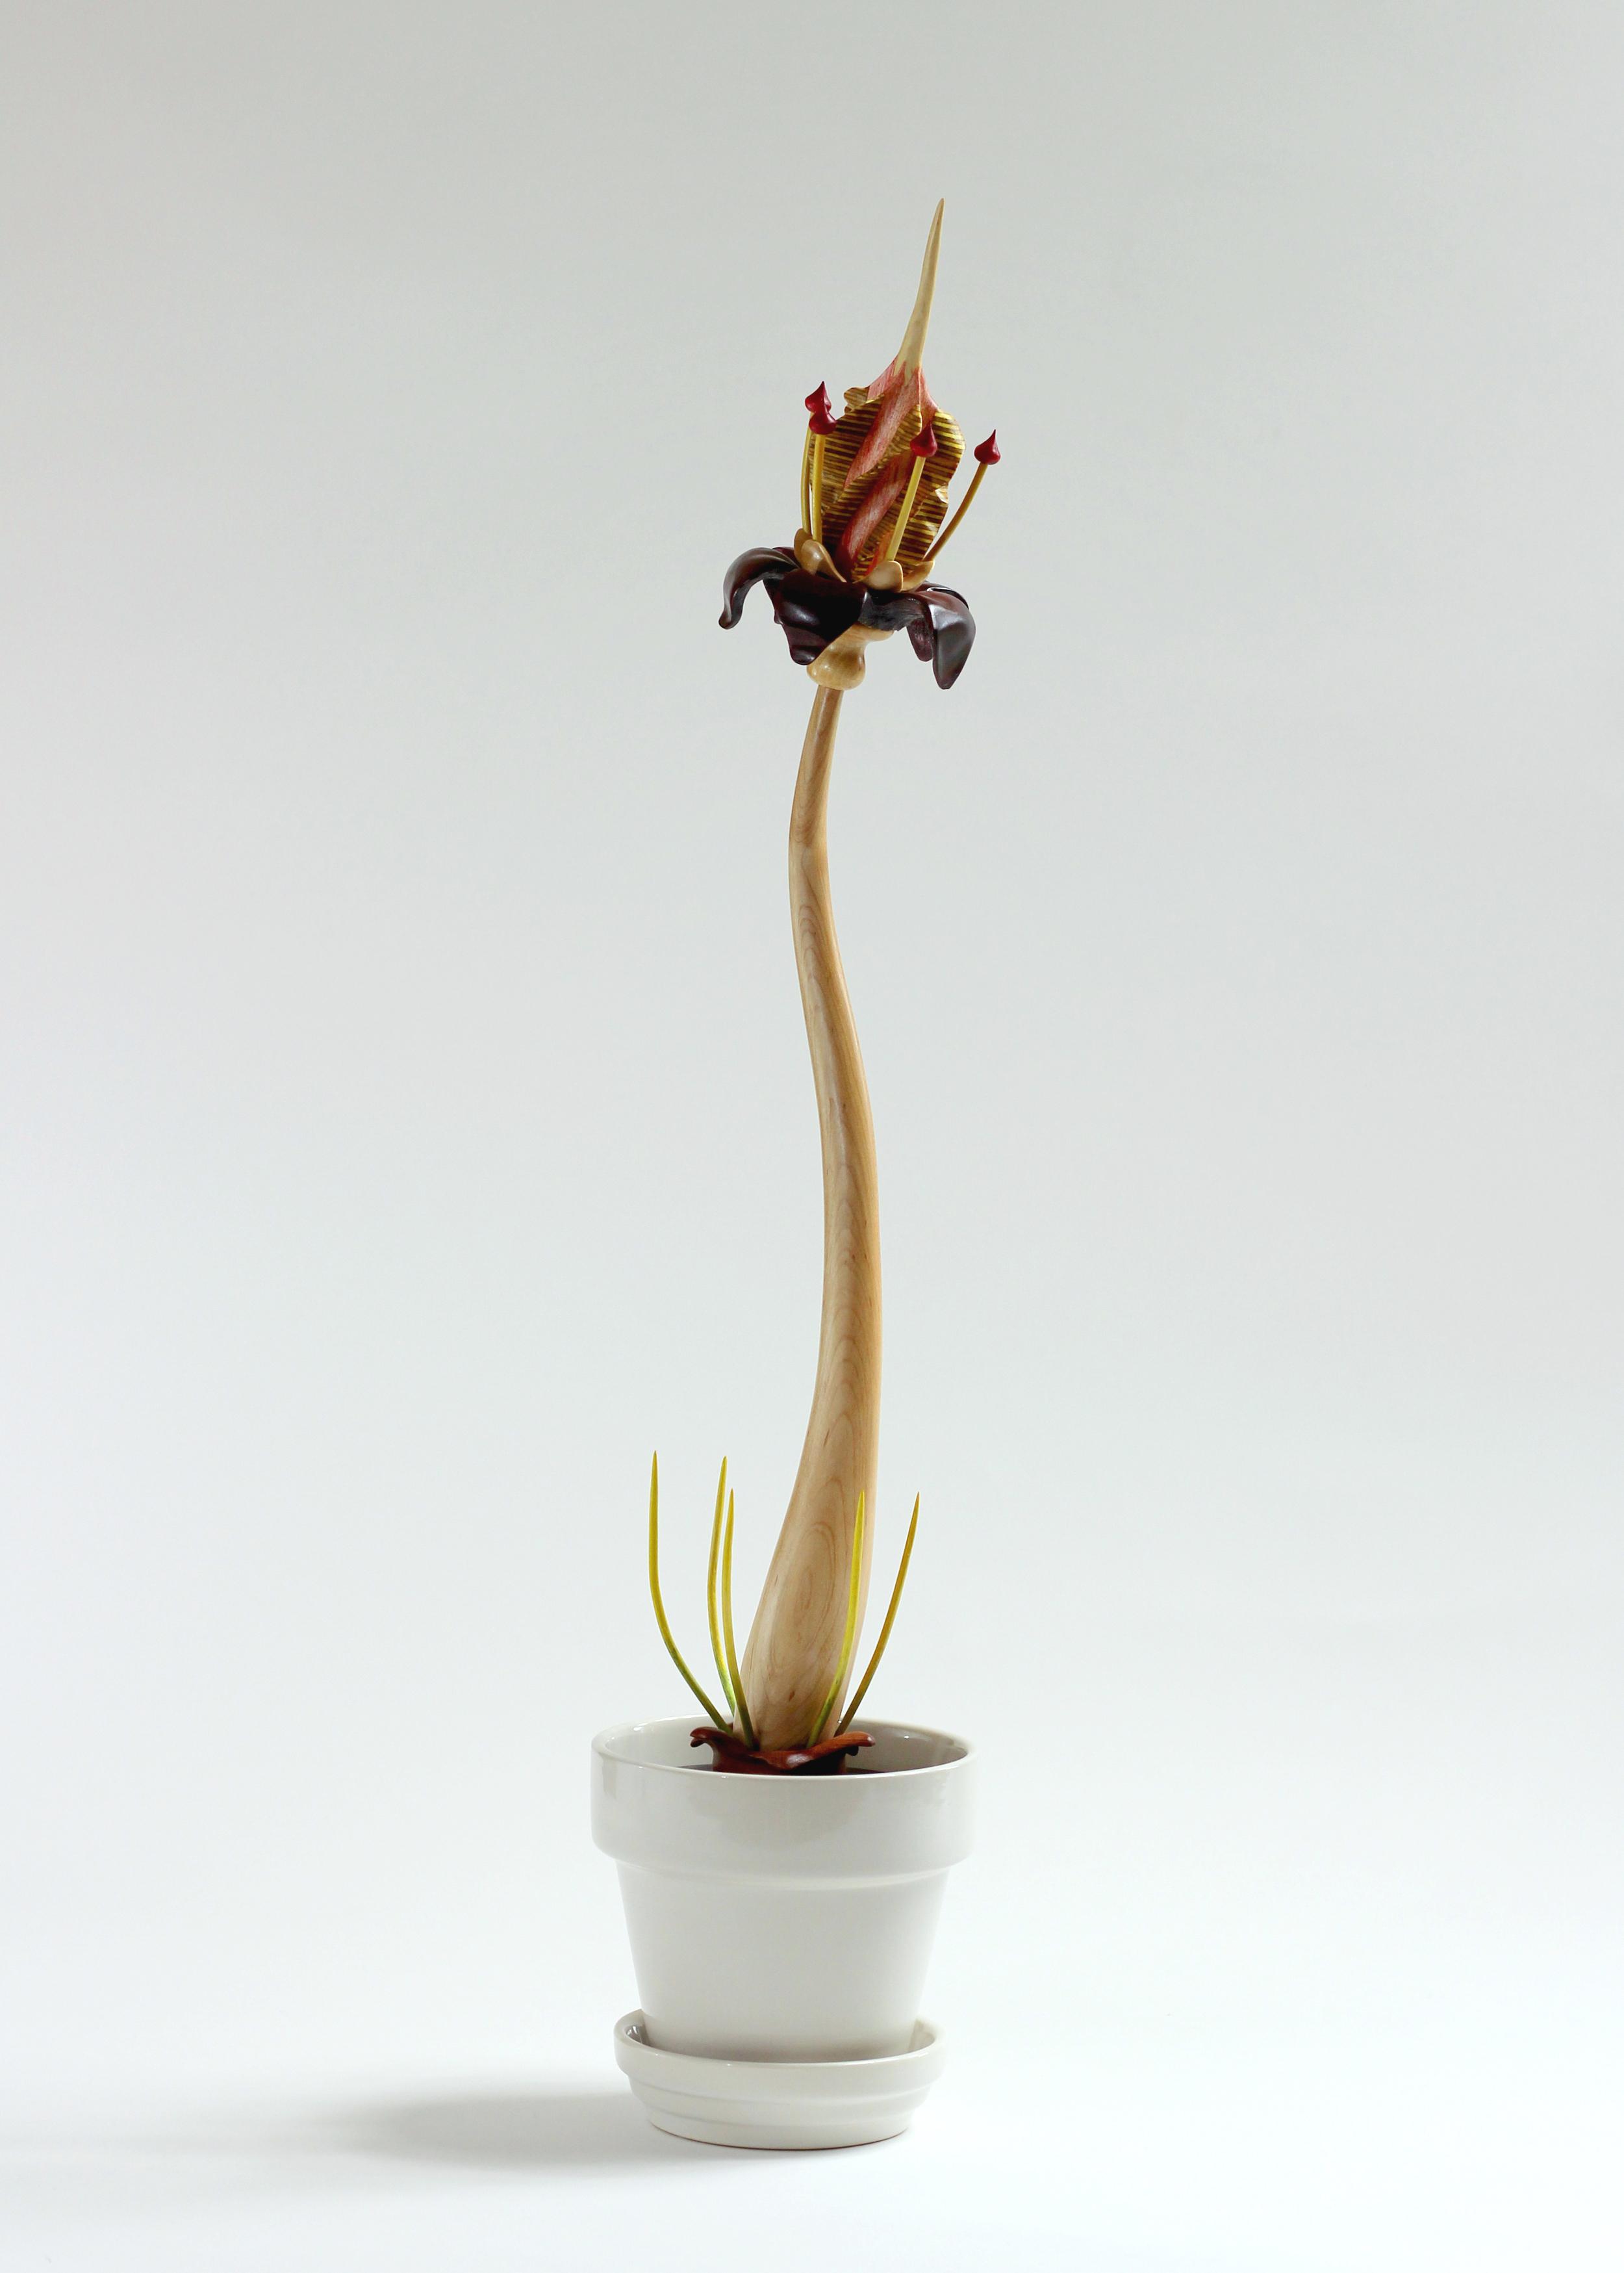 Bloom #1 by Sam Hingston